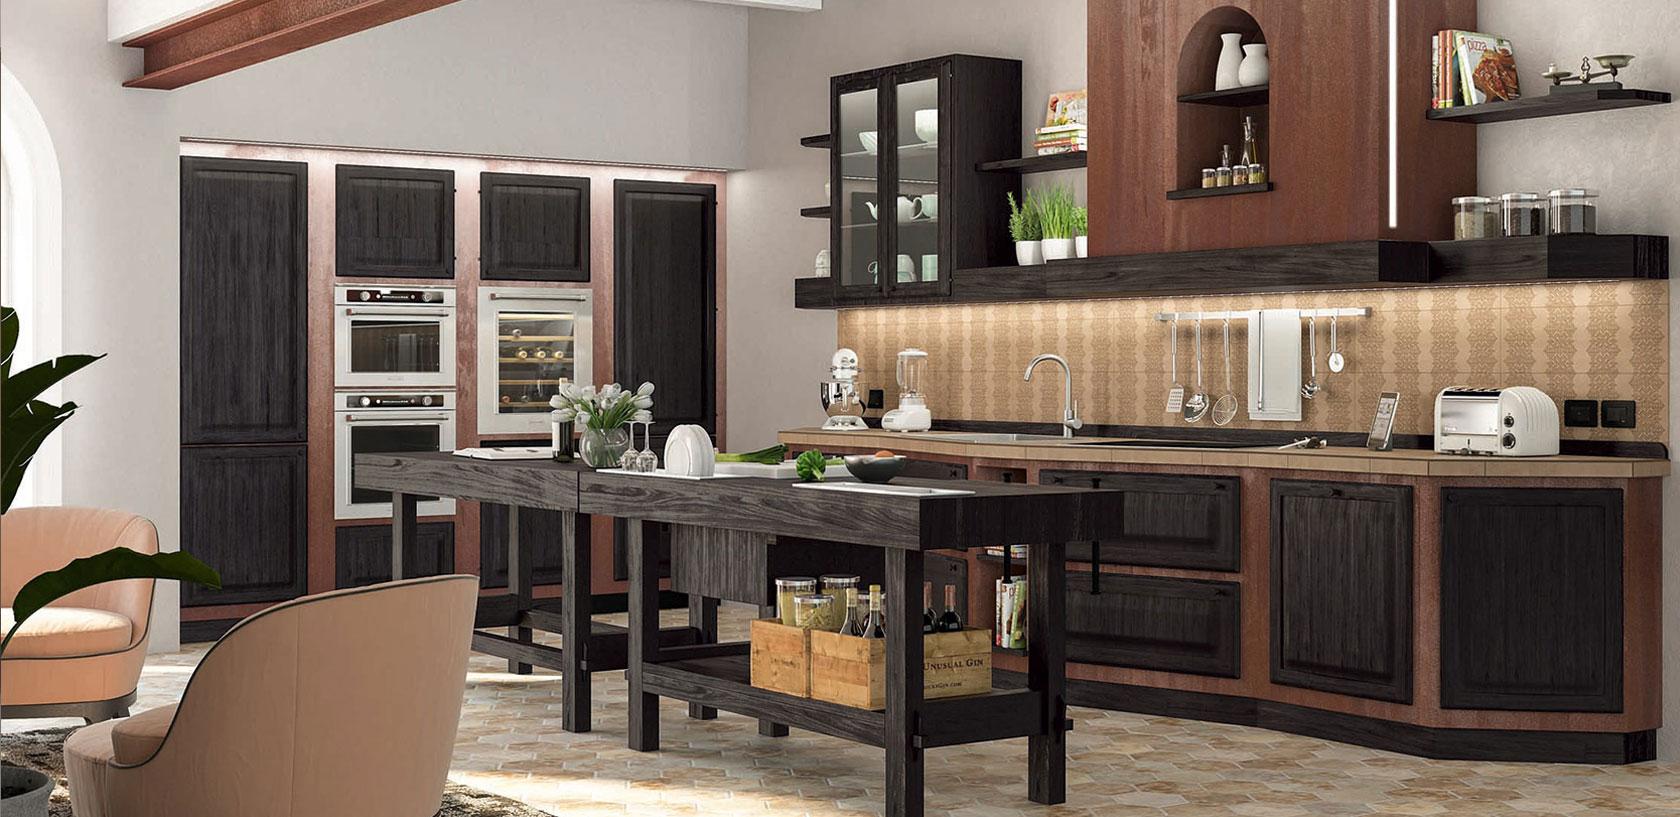 Le cucine in legno massello | Zappalorto